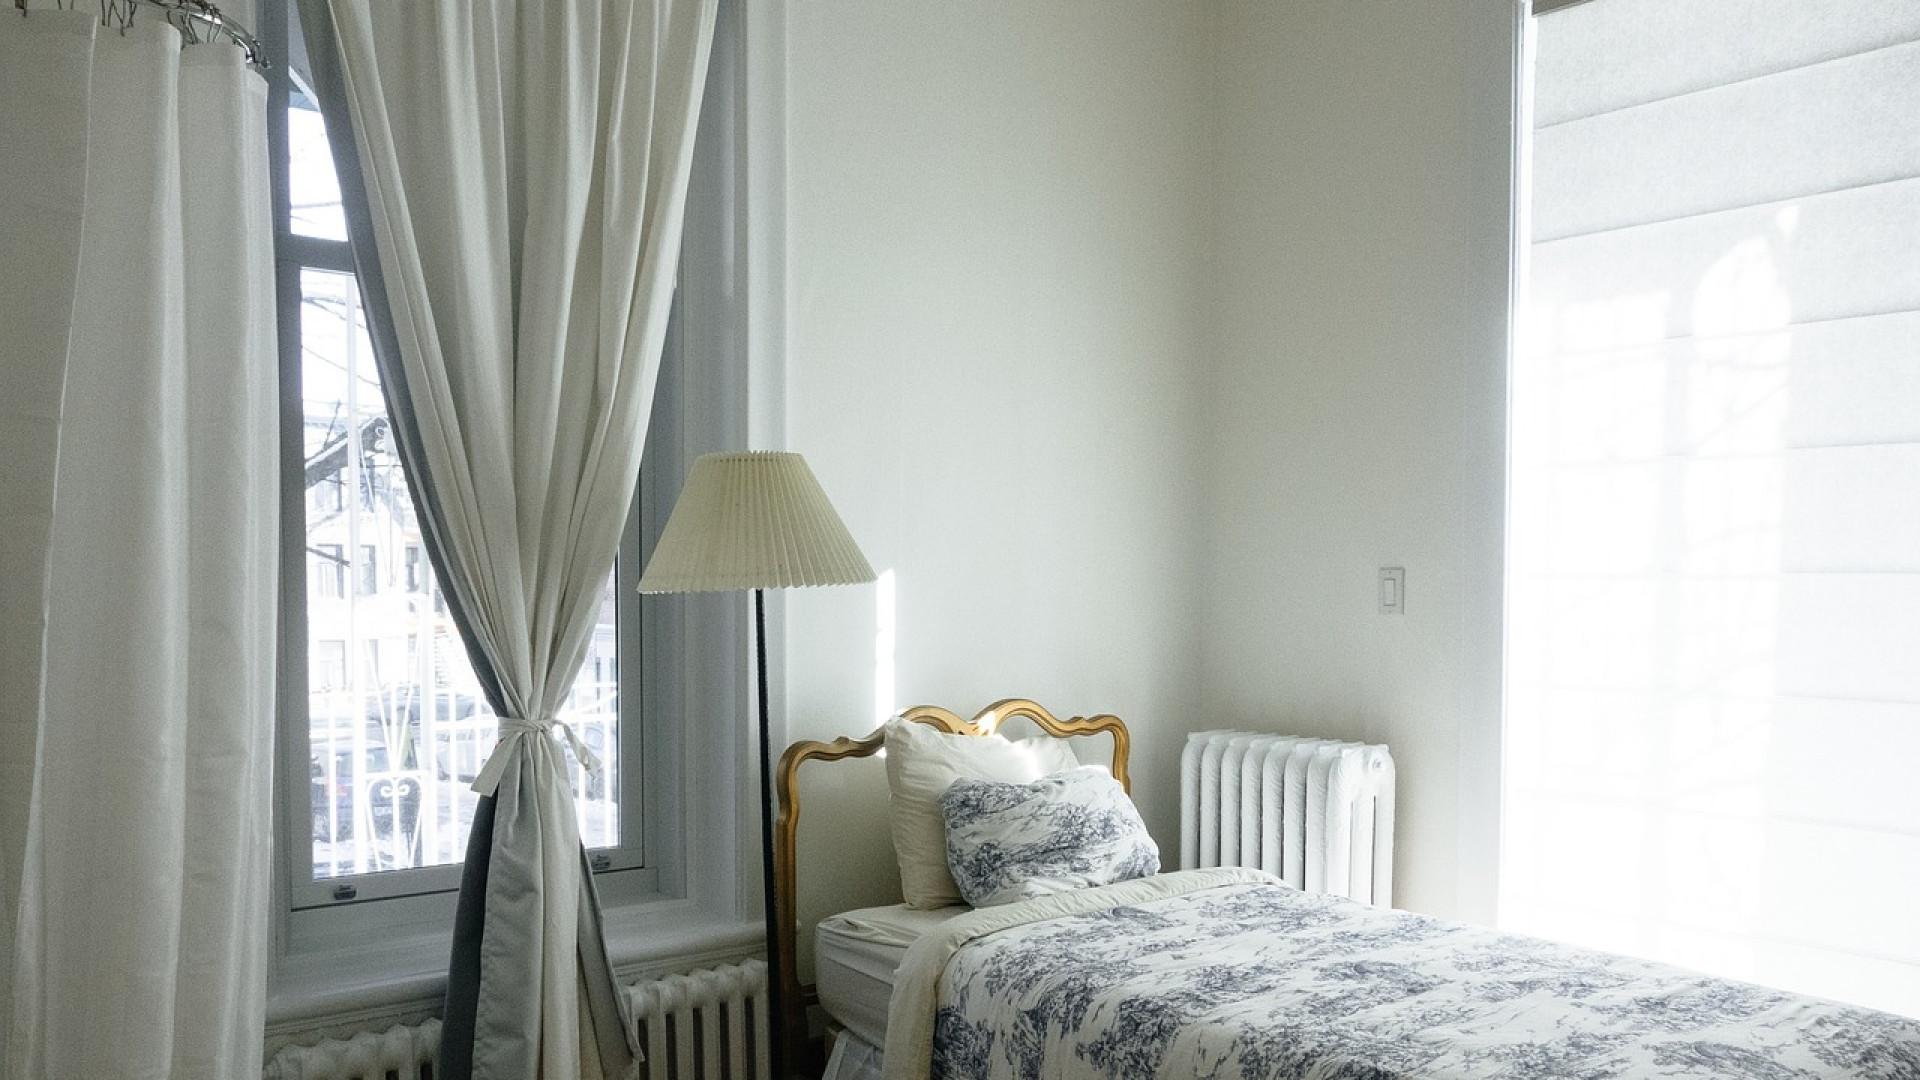 Confection de vos rideaux et tentures sur mesure